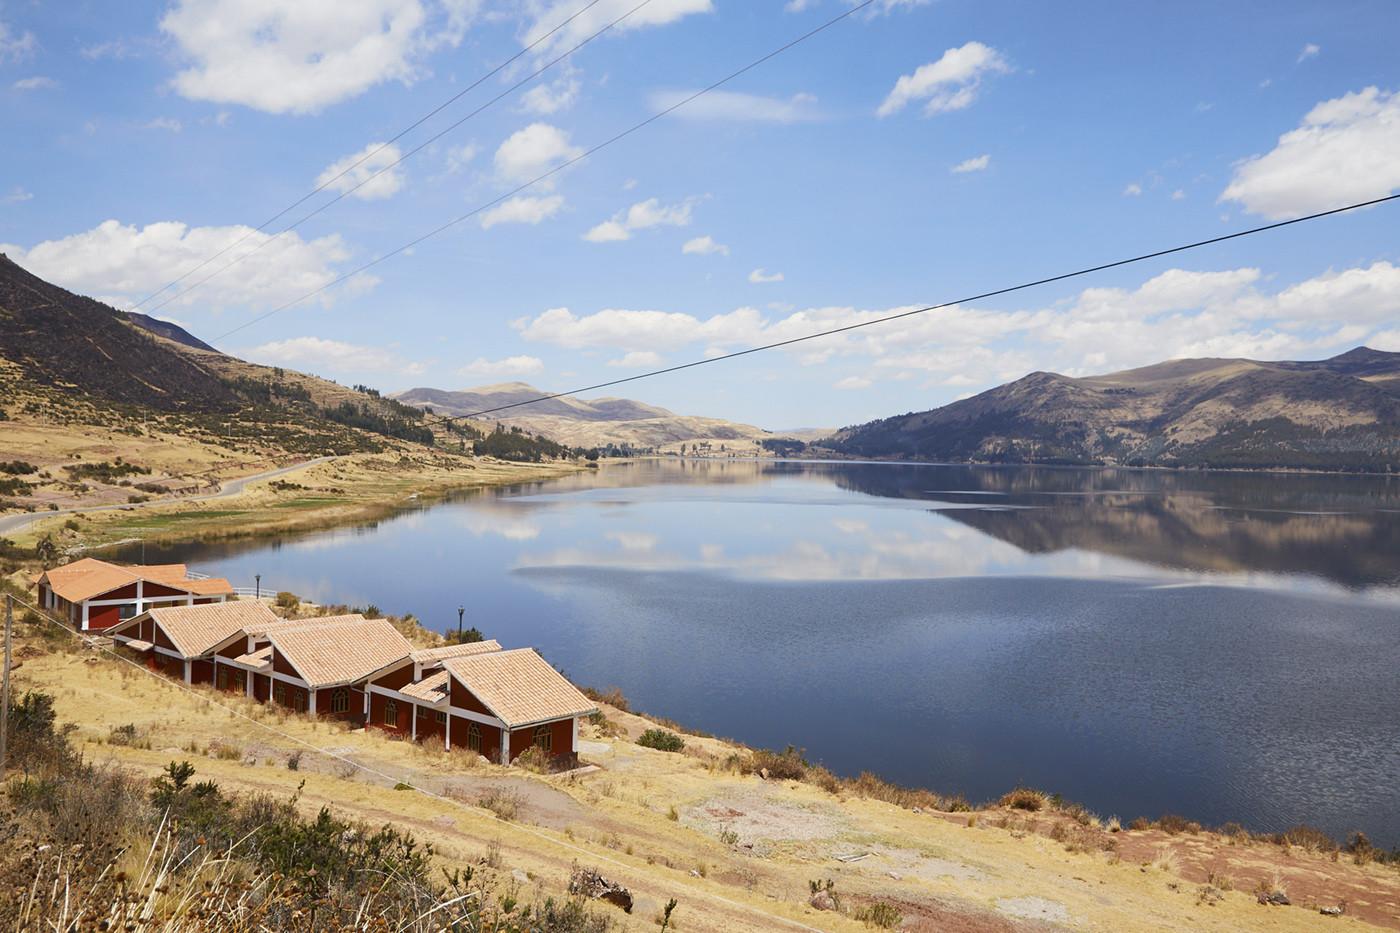 Die Laguna Pomacanchi war der erste See auf unserem Weg zur Grasbrücke. Kleine Häuschen säumen das Seeufer des tiefblauen Flusses, die Landschaft drumherum ist in einem satten gelb